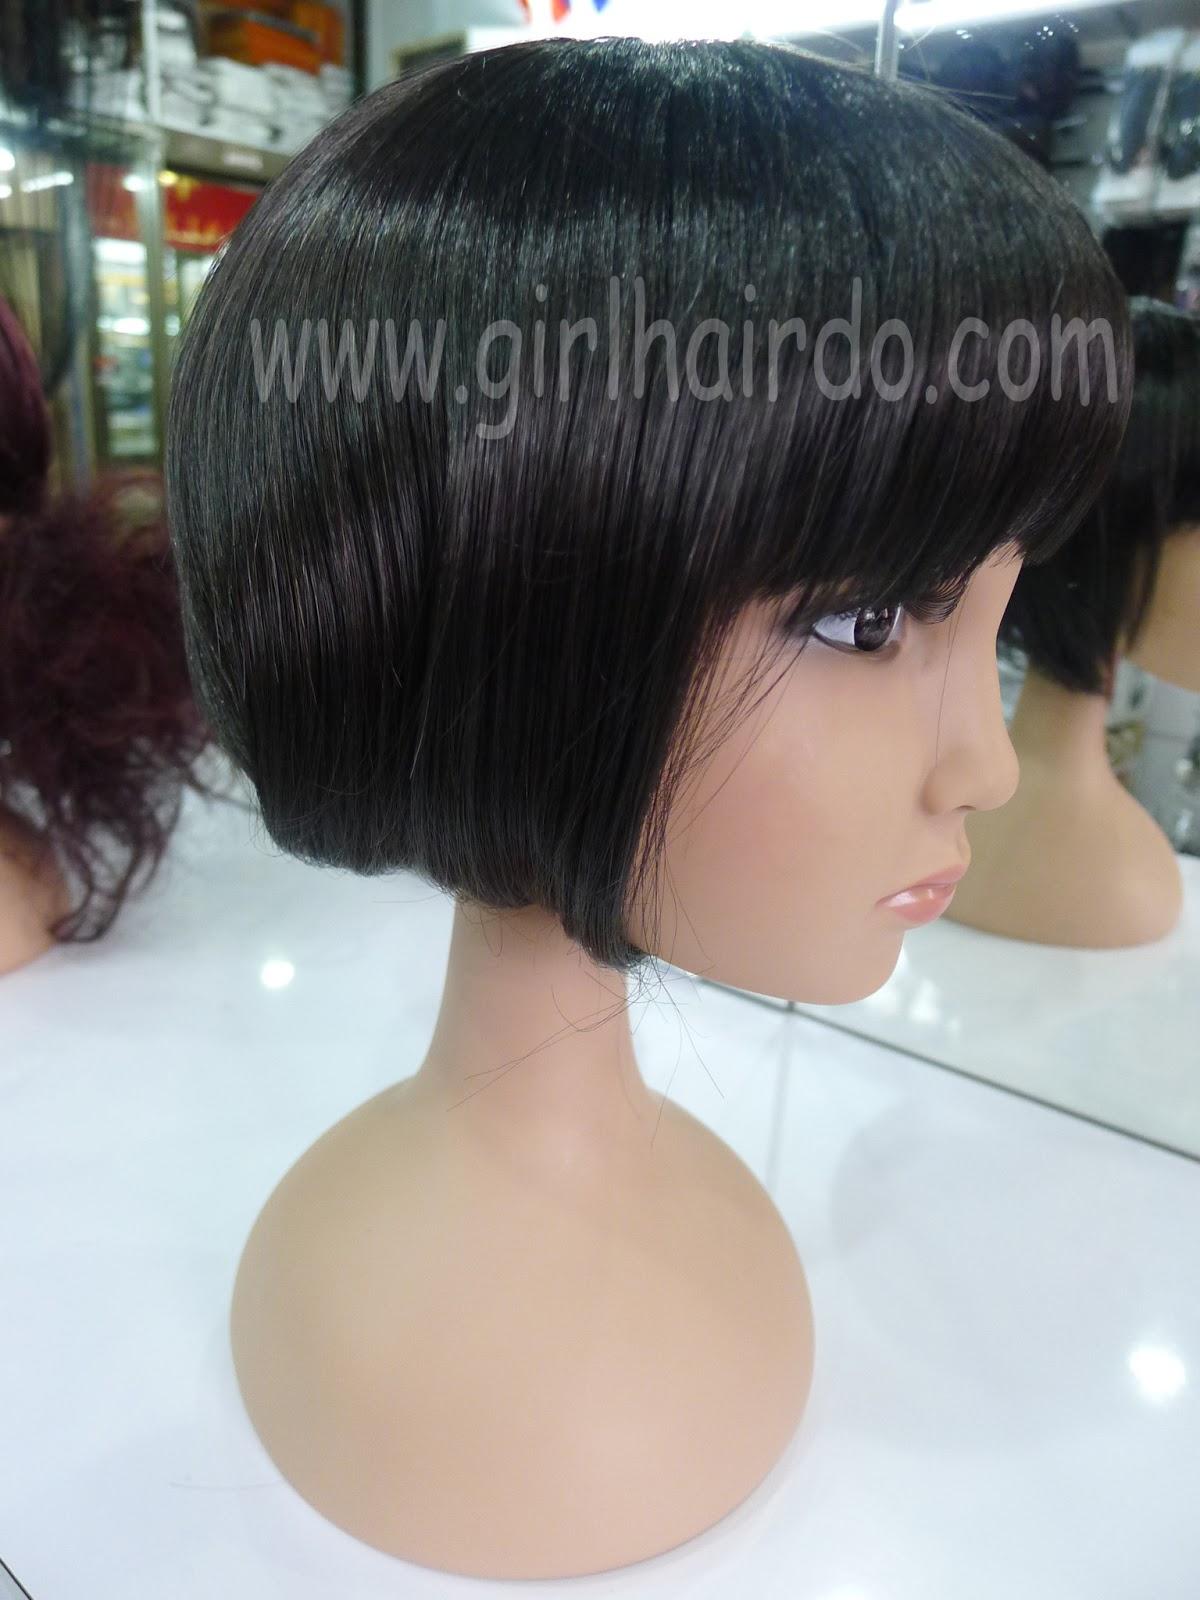 http://2.bp.blogspot.com/-qFT7o6V-bSw/Ud6YGp72C0I/AAAAAAAANNY/Y3rqQZVfI3c/s1600/030+girlhairdo+wigs+.jpg